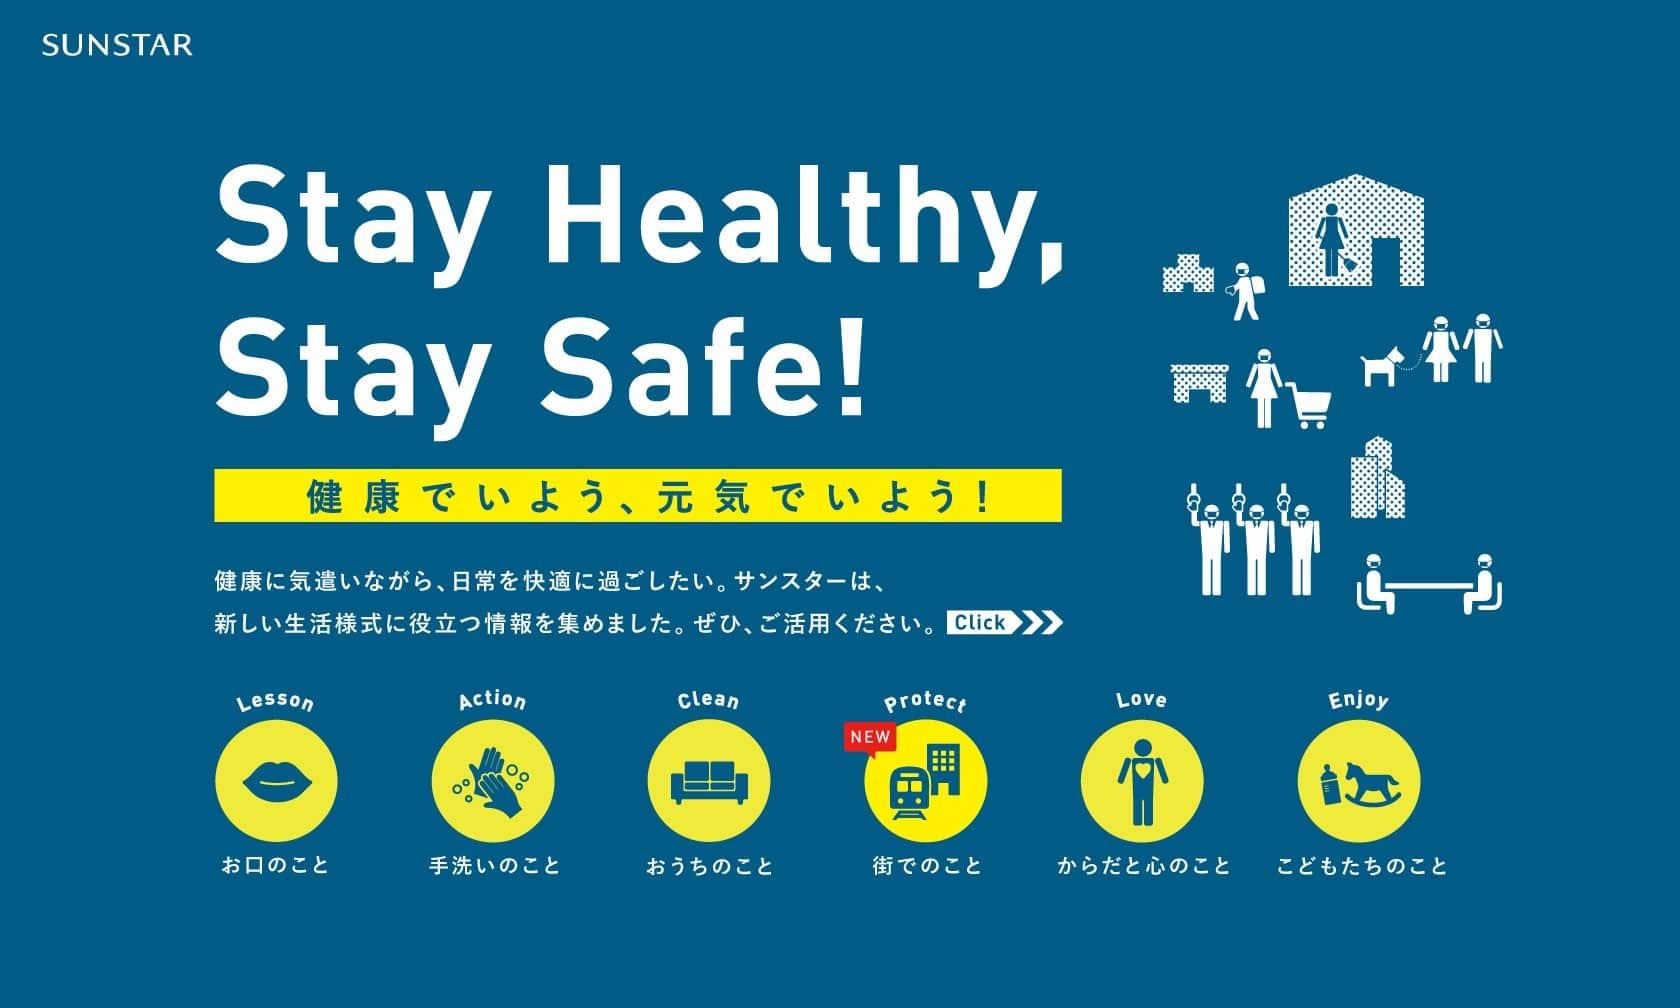 サンスター、新しい生活様式に役立つ健康情報を発信 ~外出しても健康で快適に~